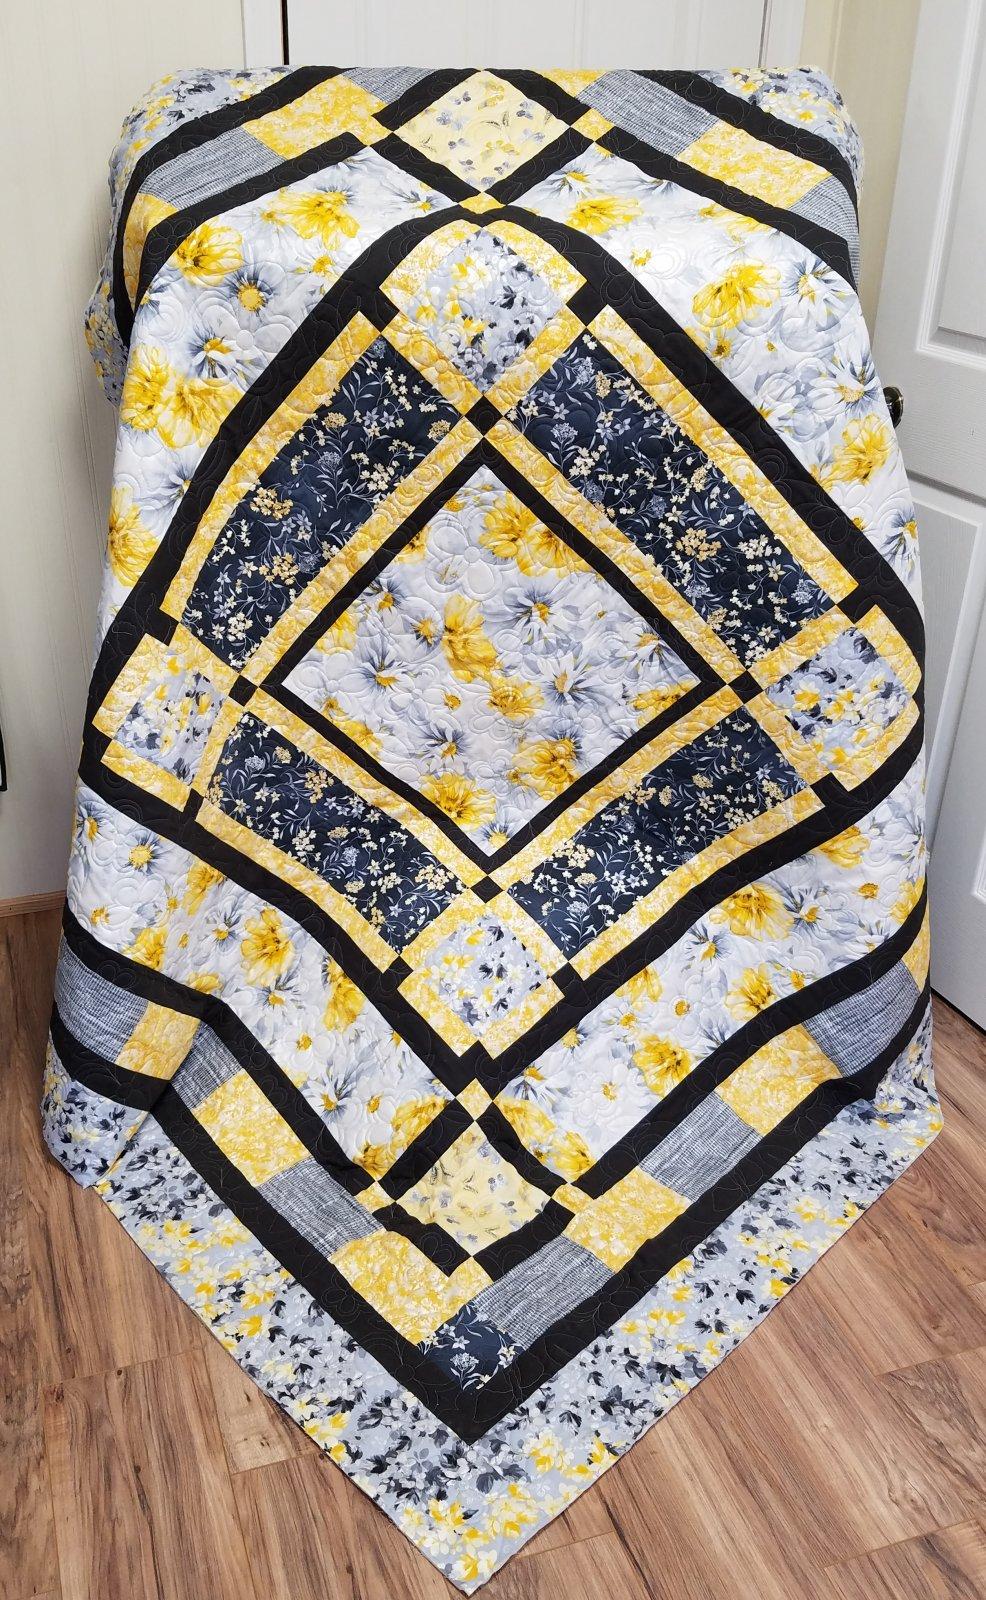 Town Square/Limoncello Quilt Kit